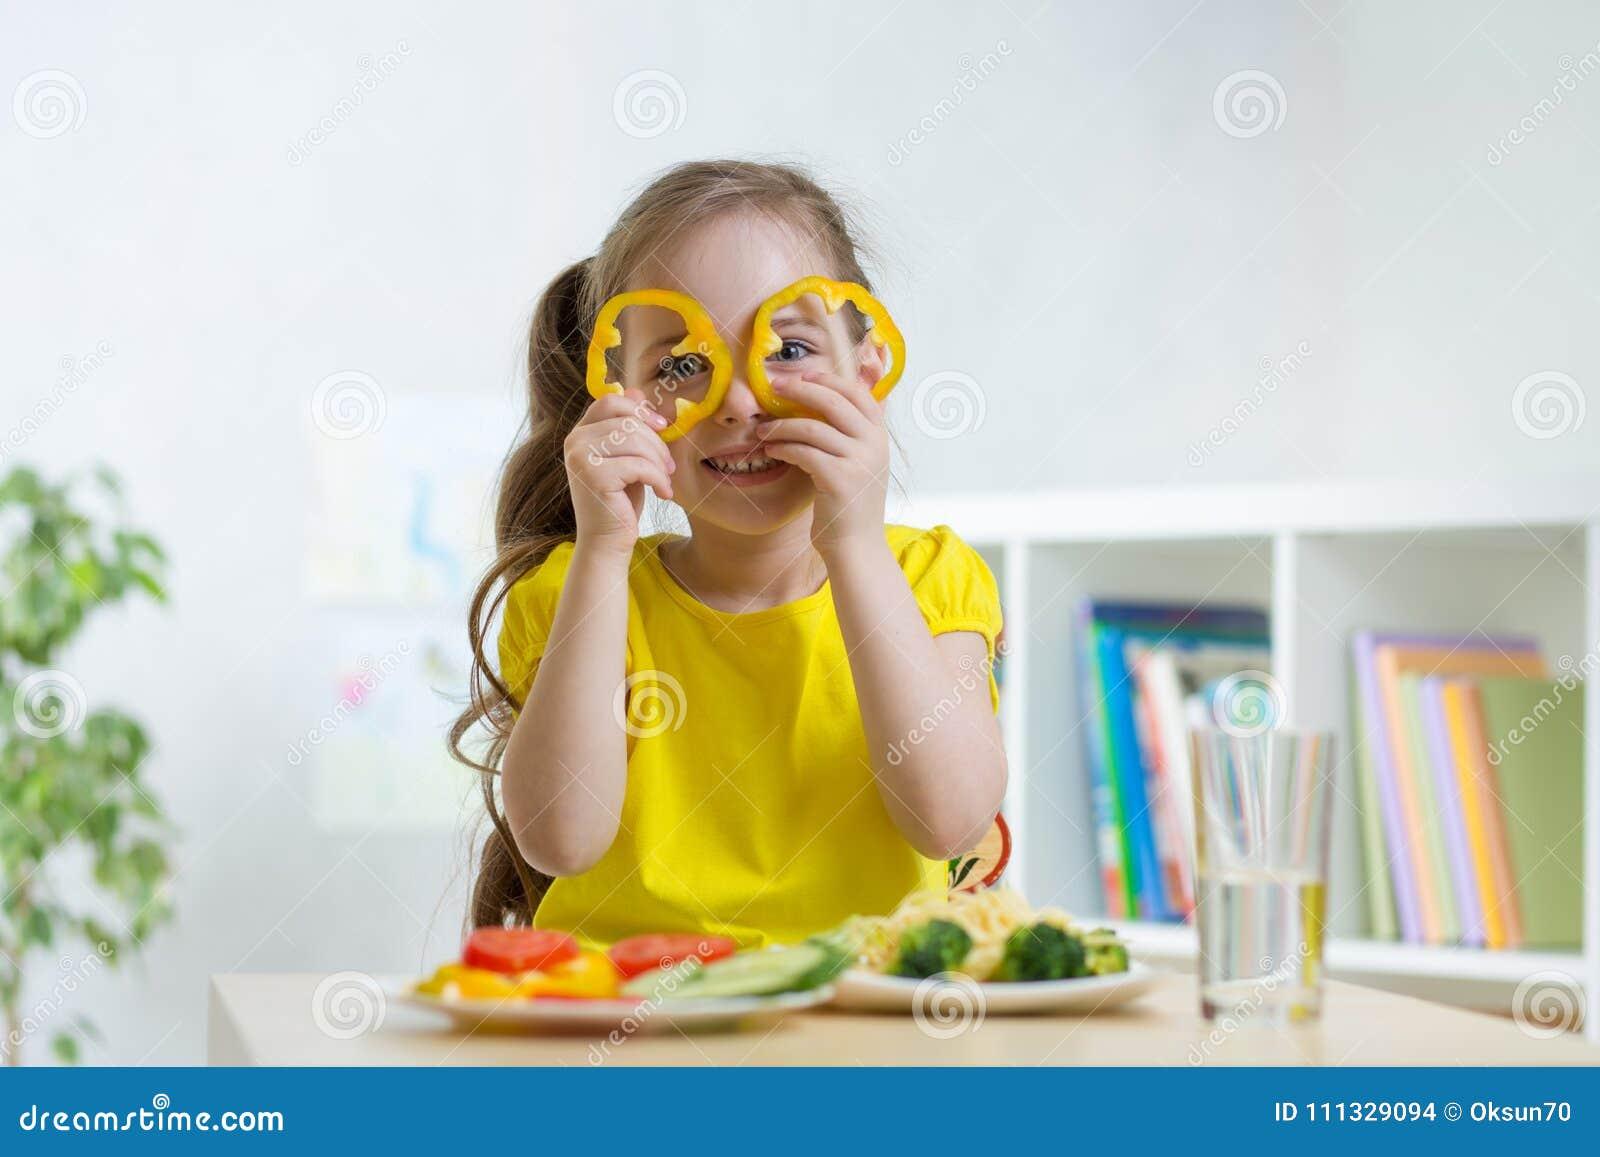 Embrome la consumición de la comida sana en guardería u hogar